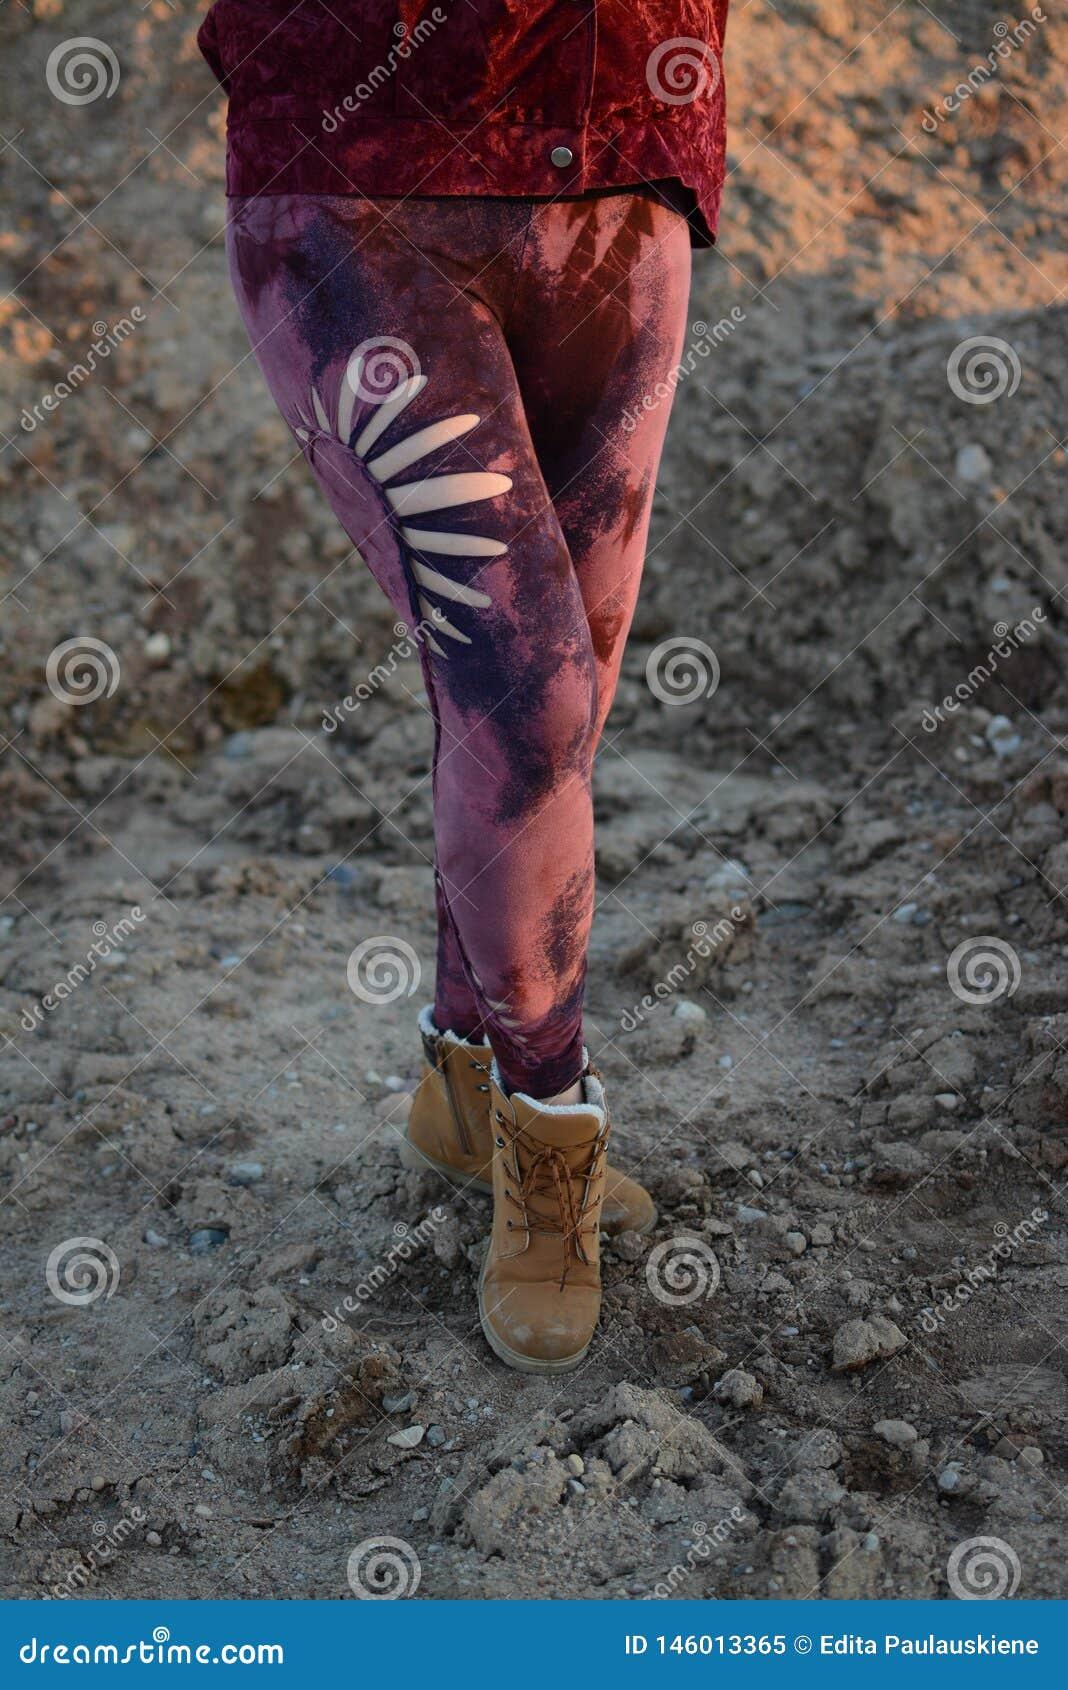 Beine in den sch?nen und einzigartigen herausgeschnittenen Strumpfhosen, Festivalmode, goldene Stunde, warmer Abend